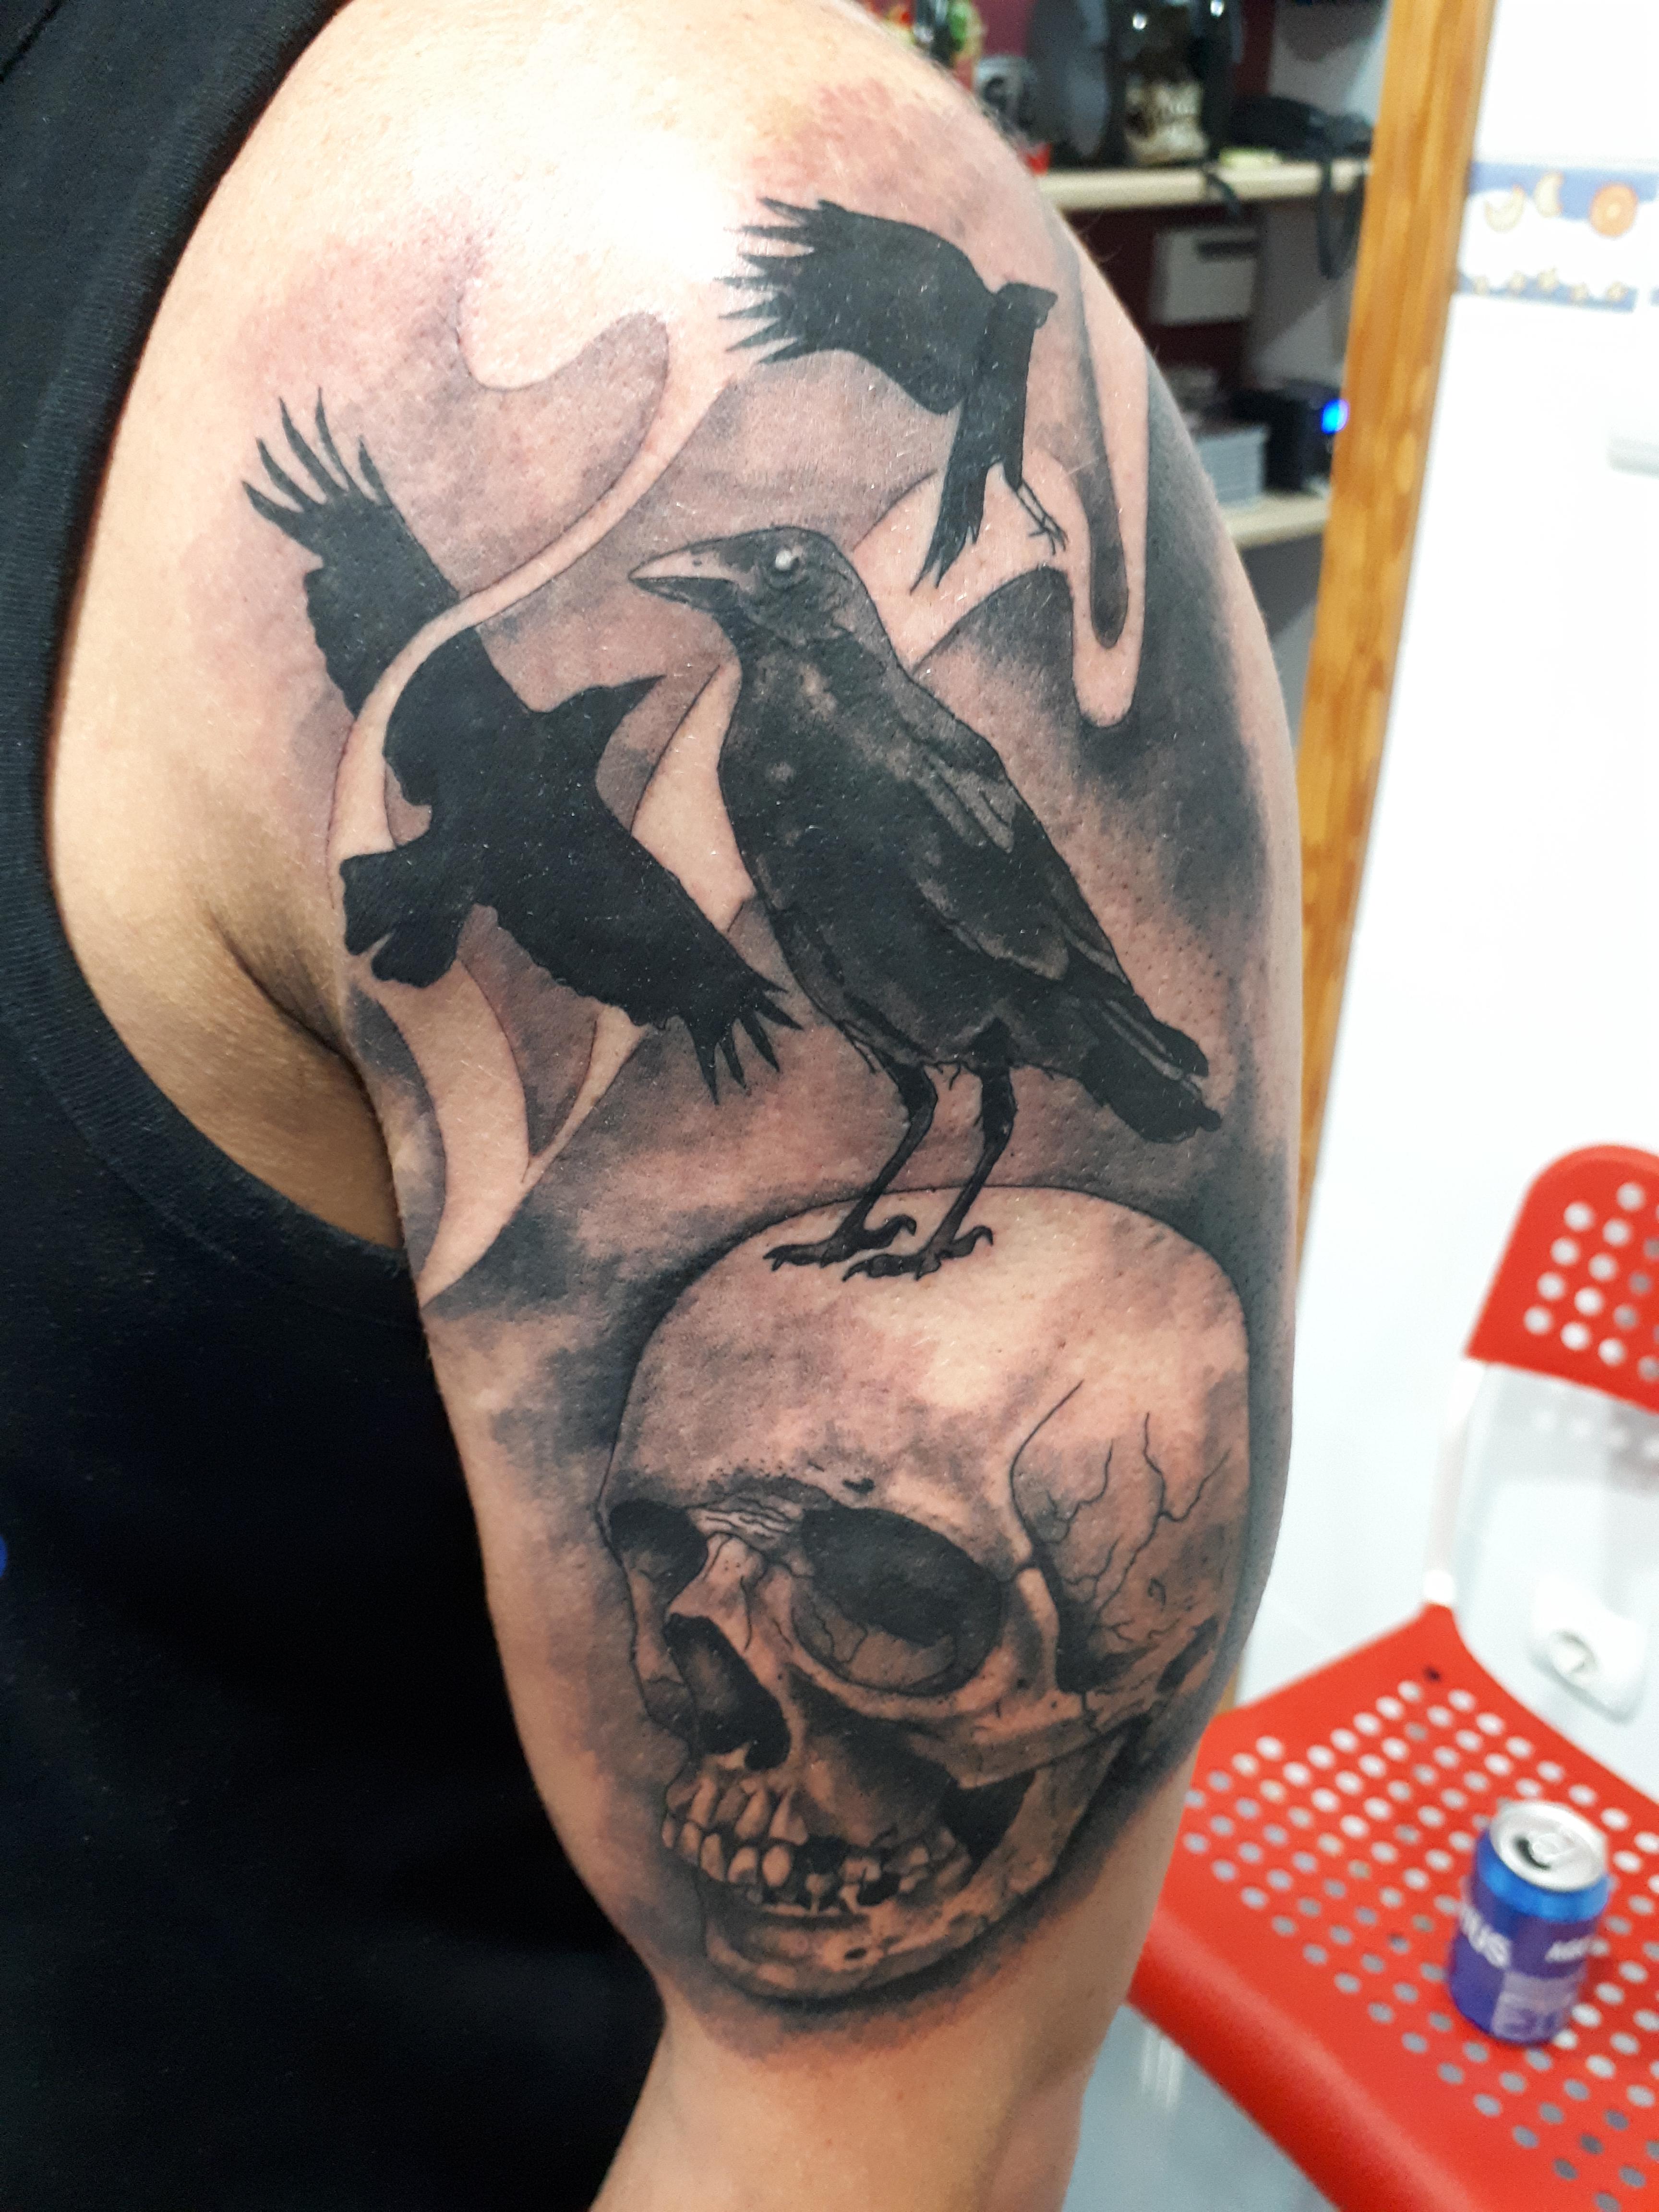 Tattoo cuervo#Tattoocalavera#Jorge García#Jorge Terrorize#Tatuajes L'Eliana#